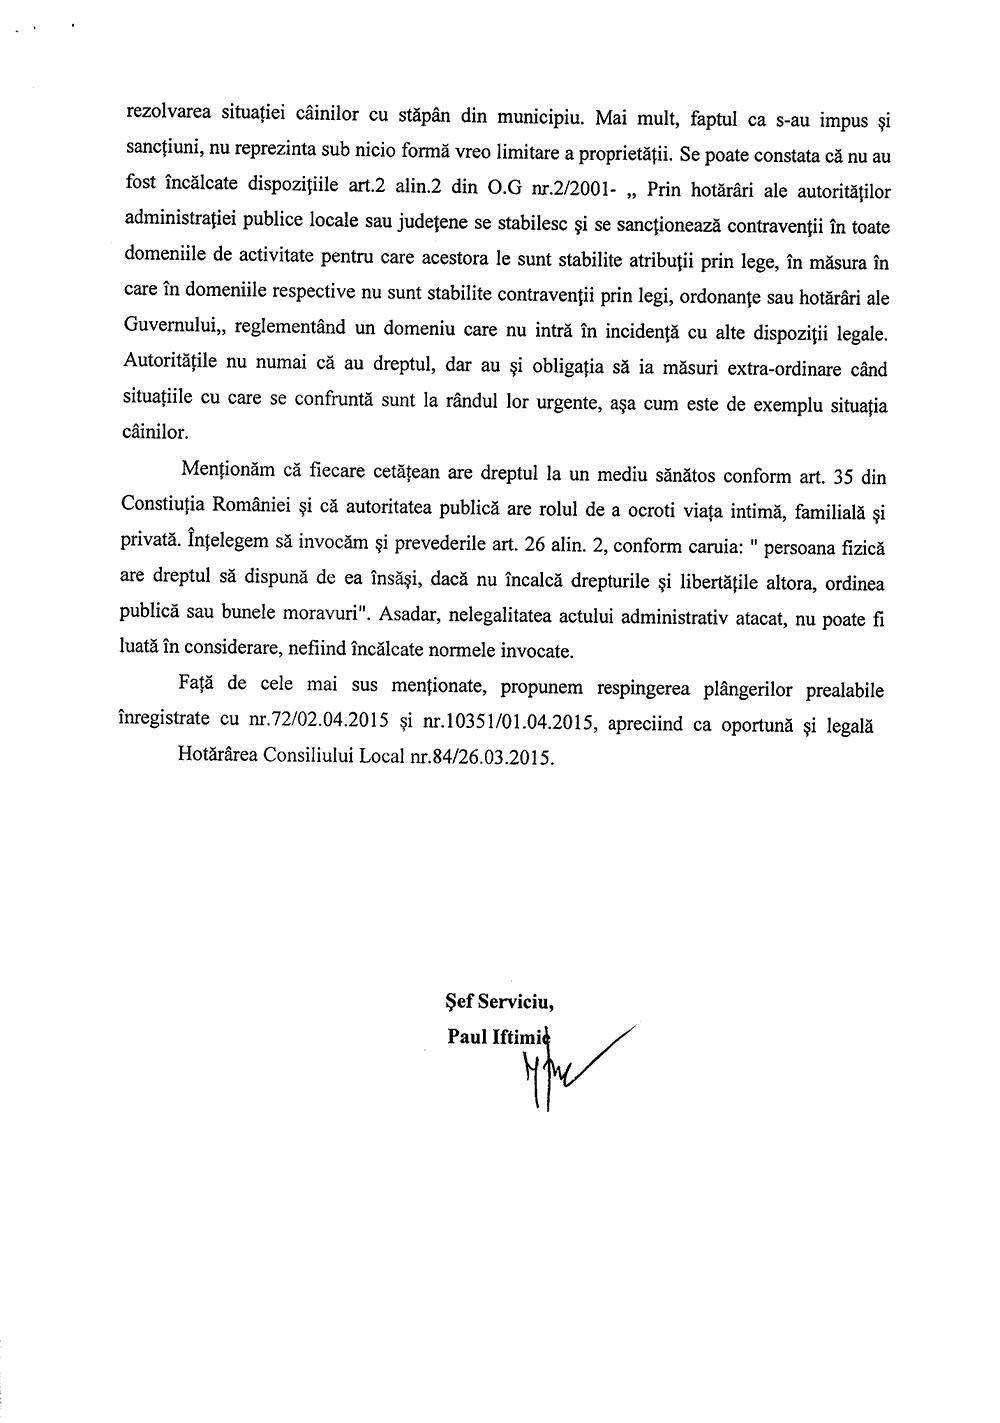 Plângere Alina Gavriloaie, Alina Nicșan, Elena Bumbu împotriva Regulametnului privind întreținerea și circulația câinilor cu stăpân din municipiul Suceava